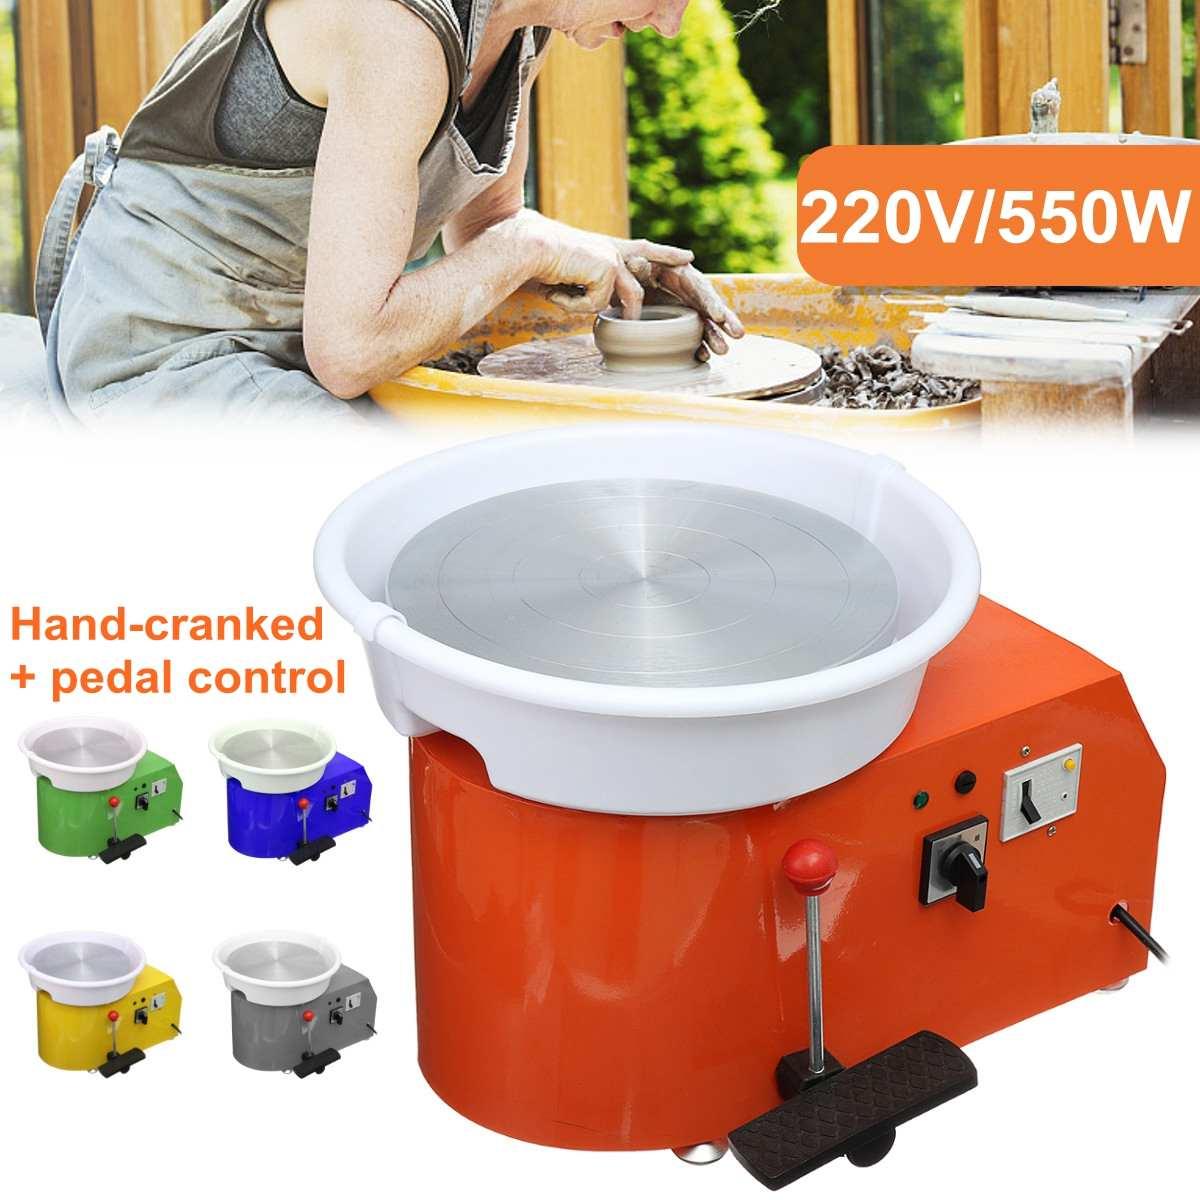 Girando Roda Da Cerâmica Cerâmica Máquina Elétrica 220 V 550 W 300 milímetros De Cerâmica De Barro Potter Kit Para O Trabalho Em Cerâmica Cerâmica aprendizagem de Máquina